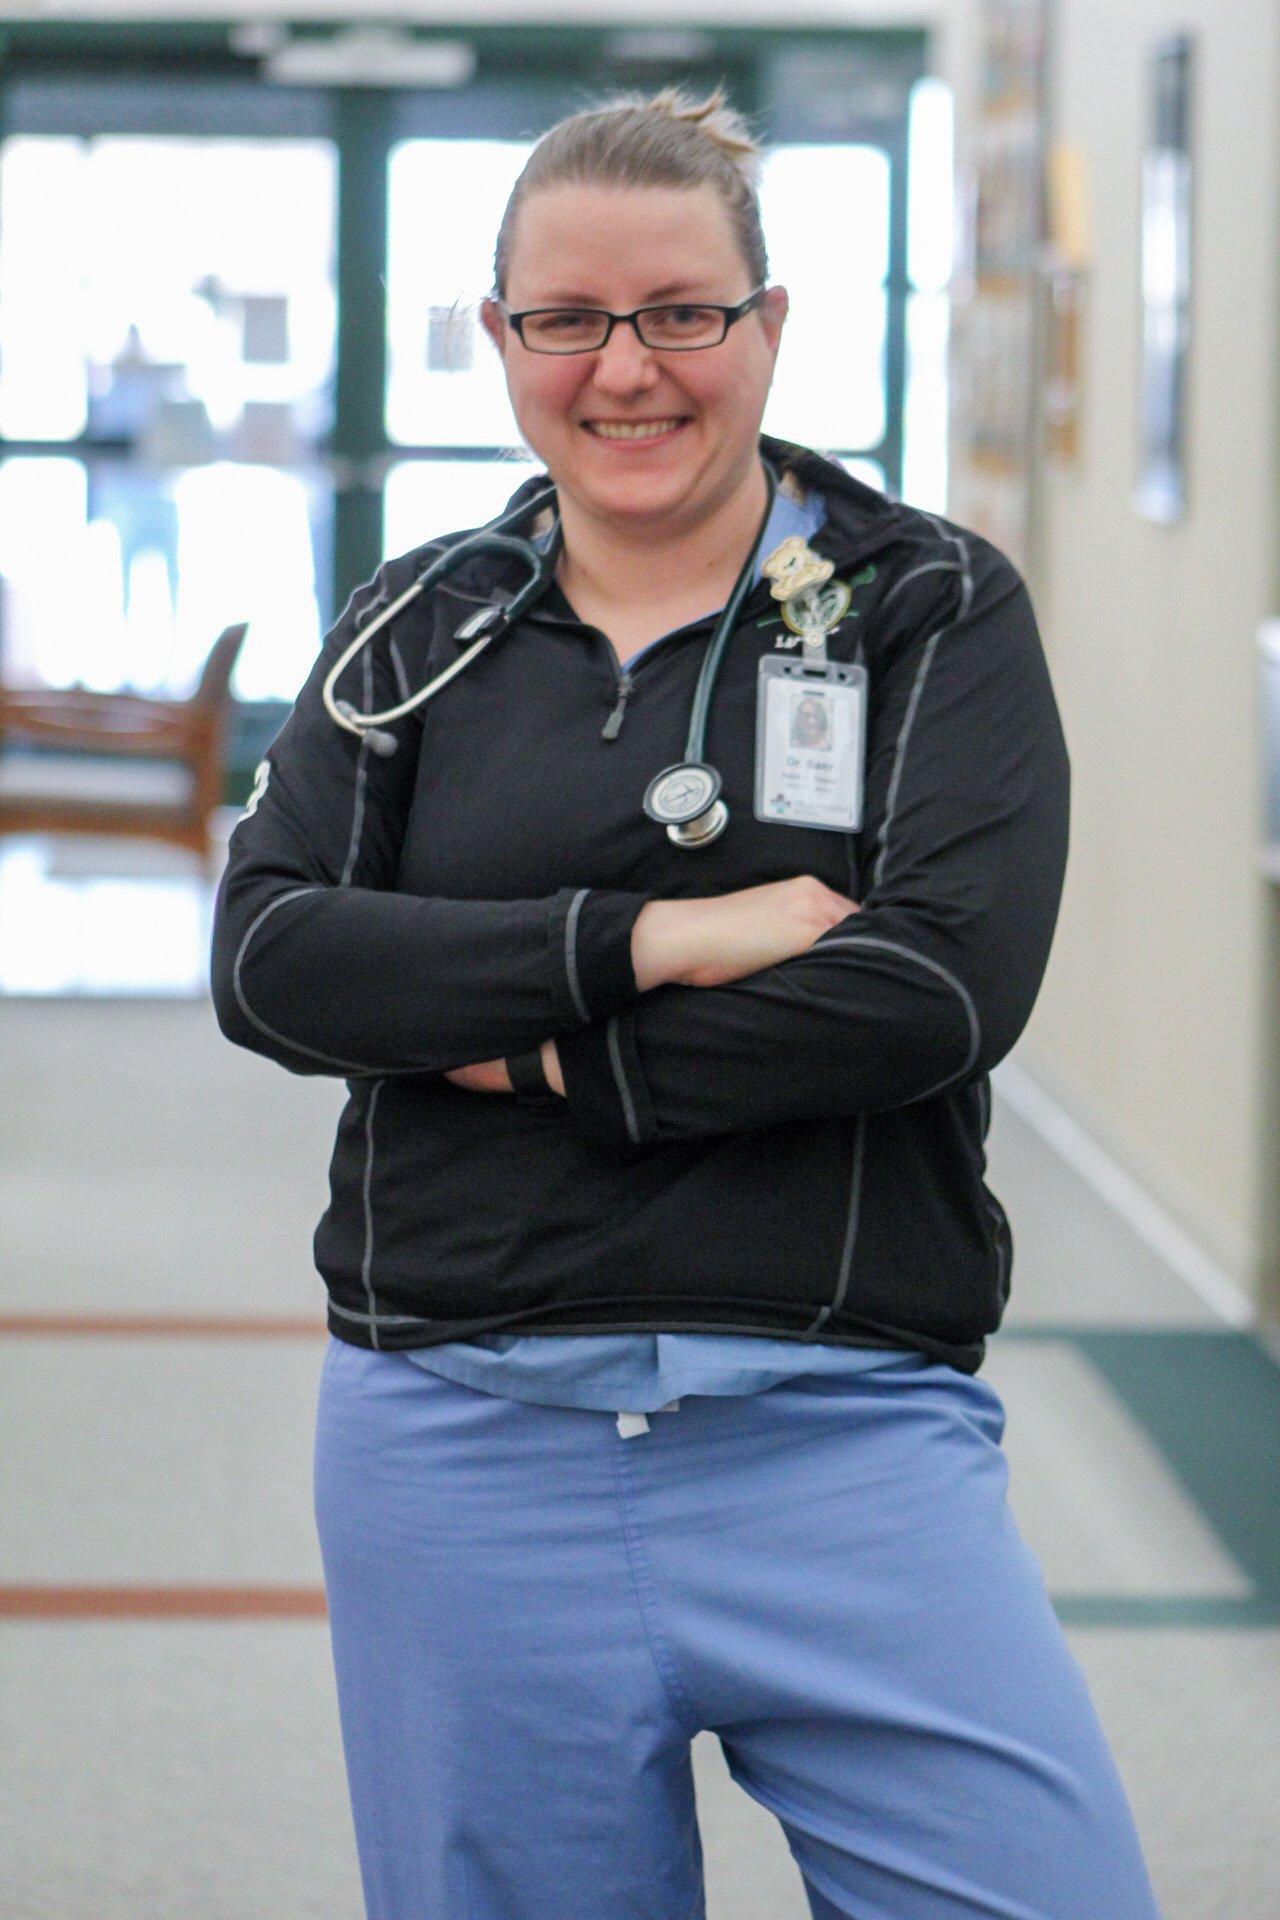 Dr. Kaily Baer